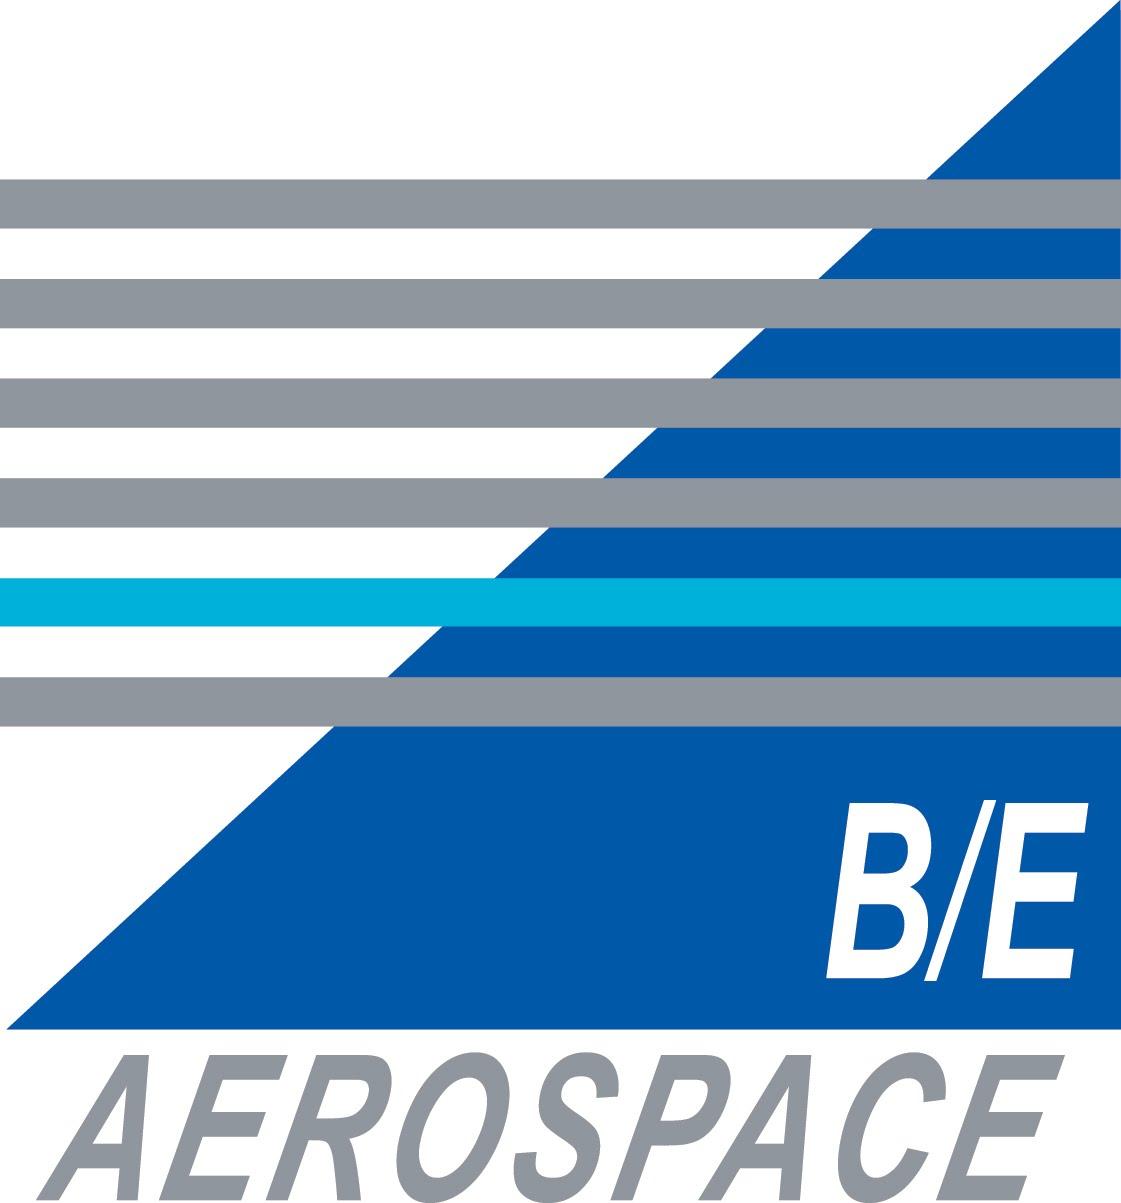 B-E AEROSPACE